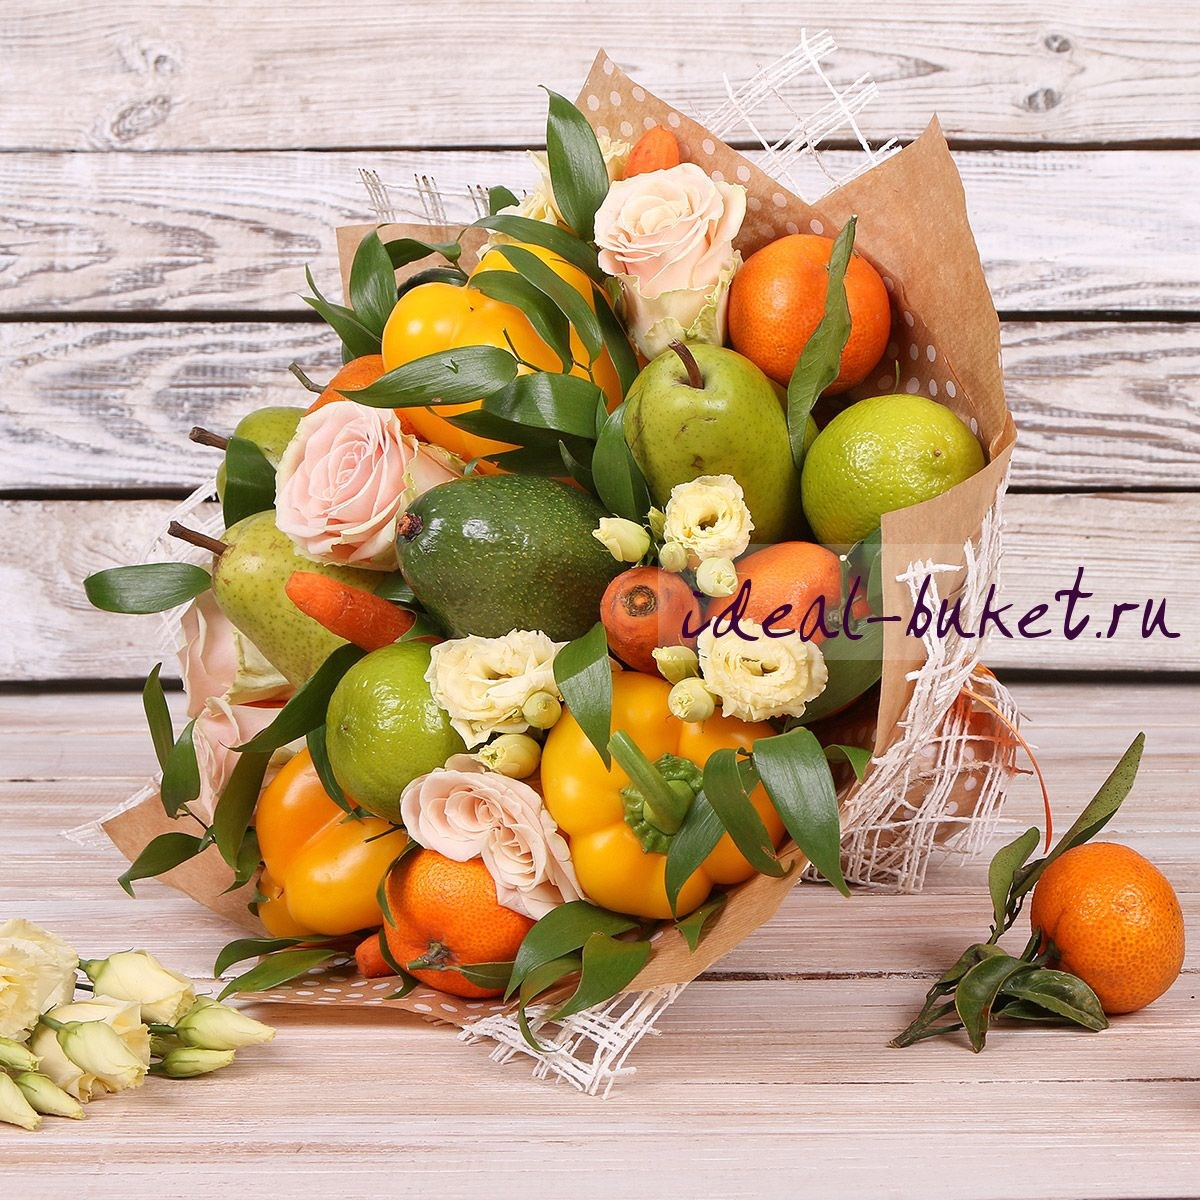 Композиции из фруктов своими руками пошагово 137